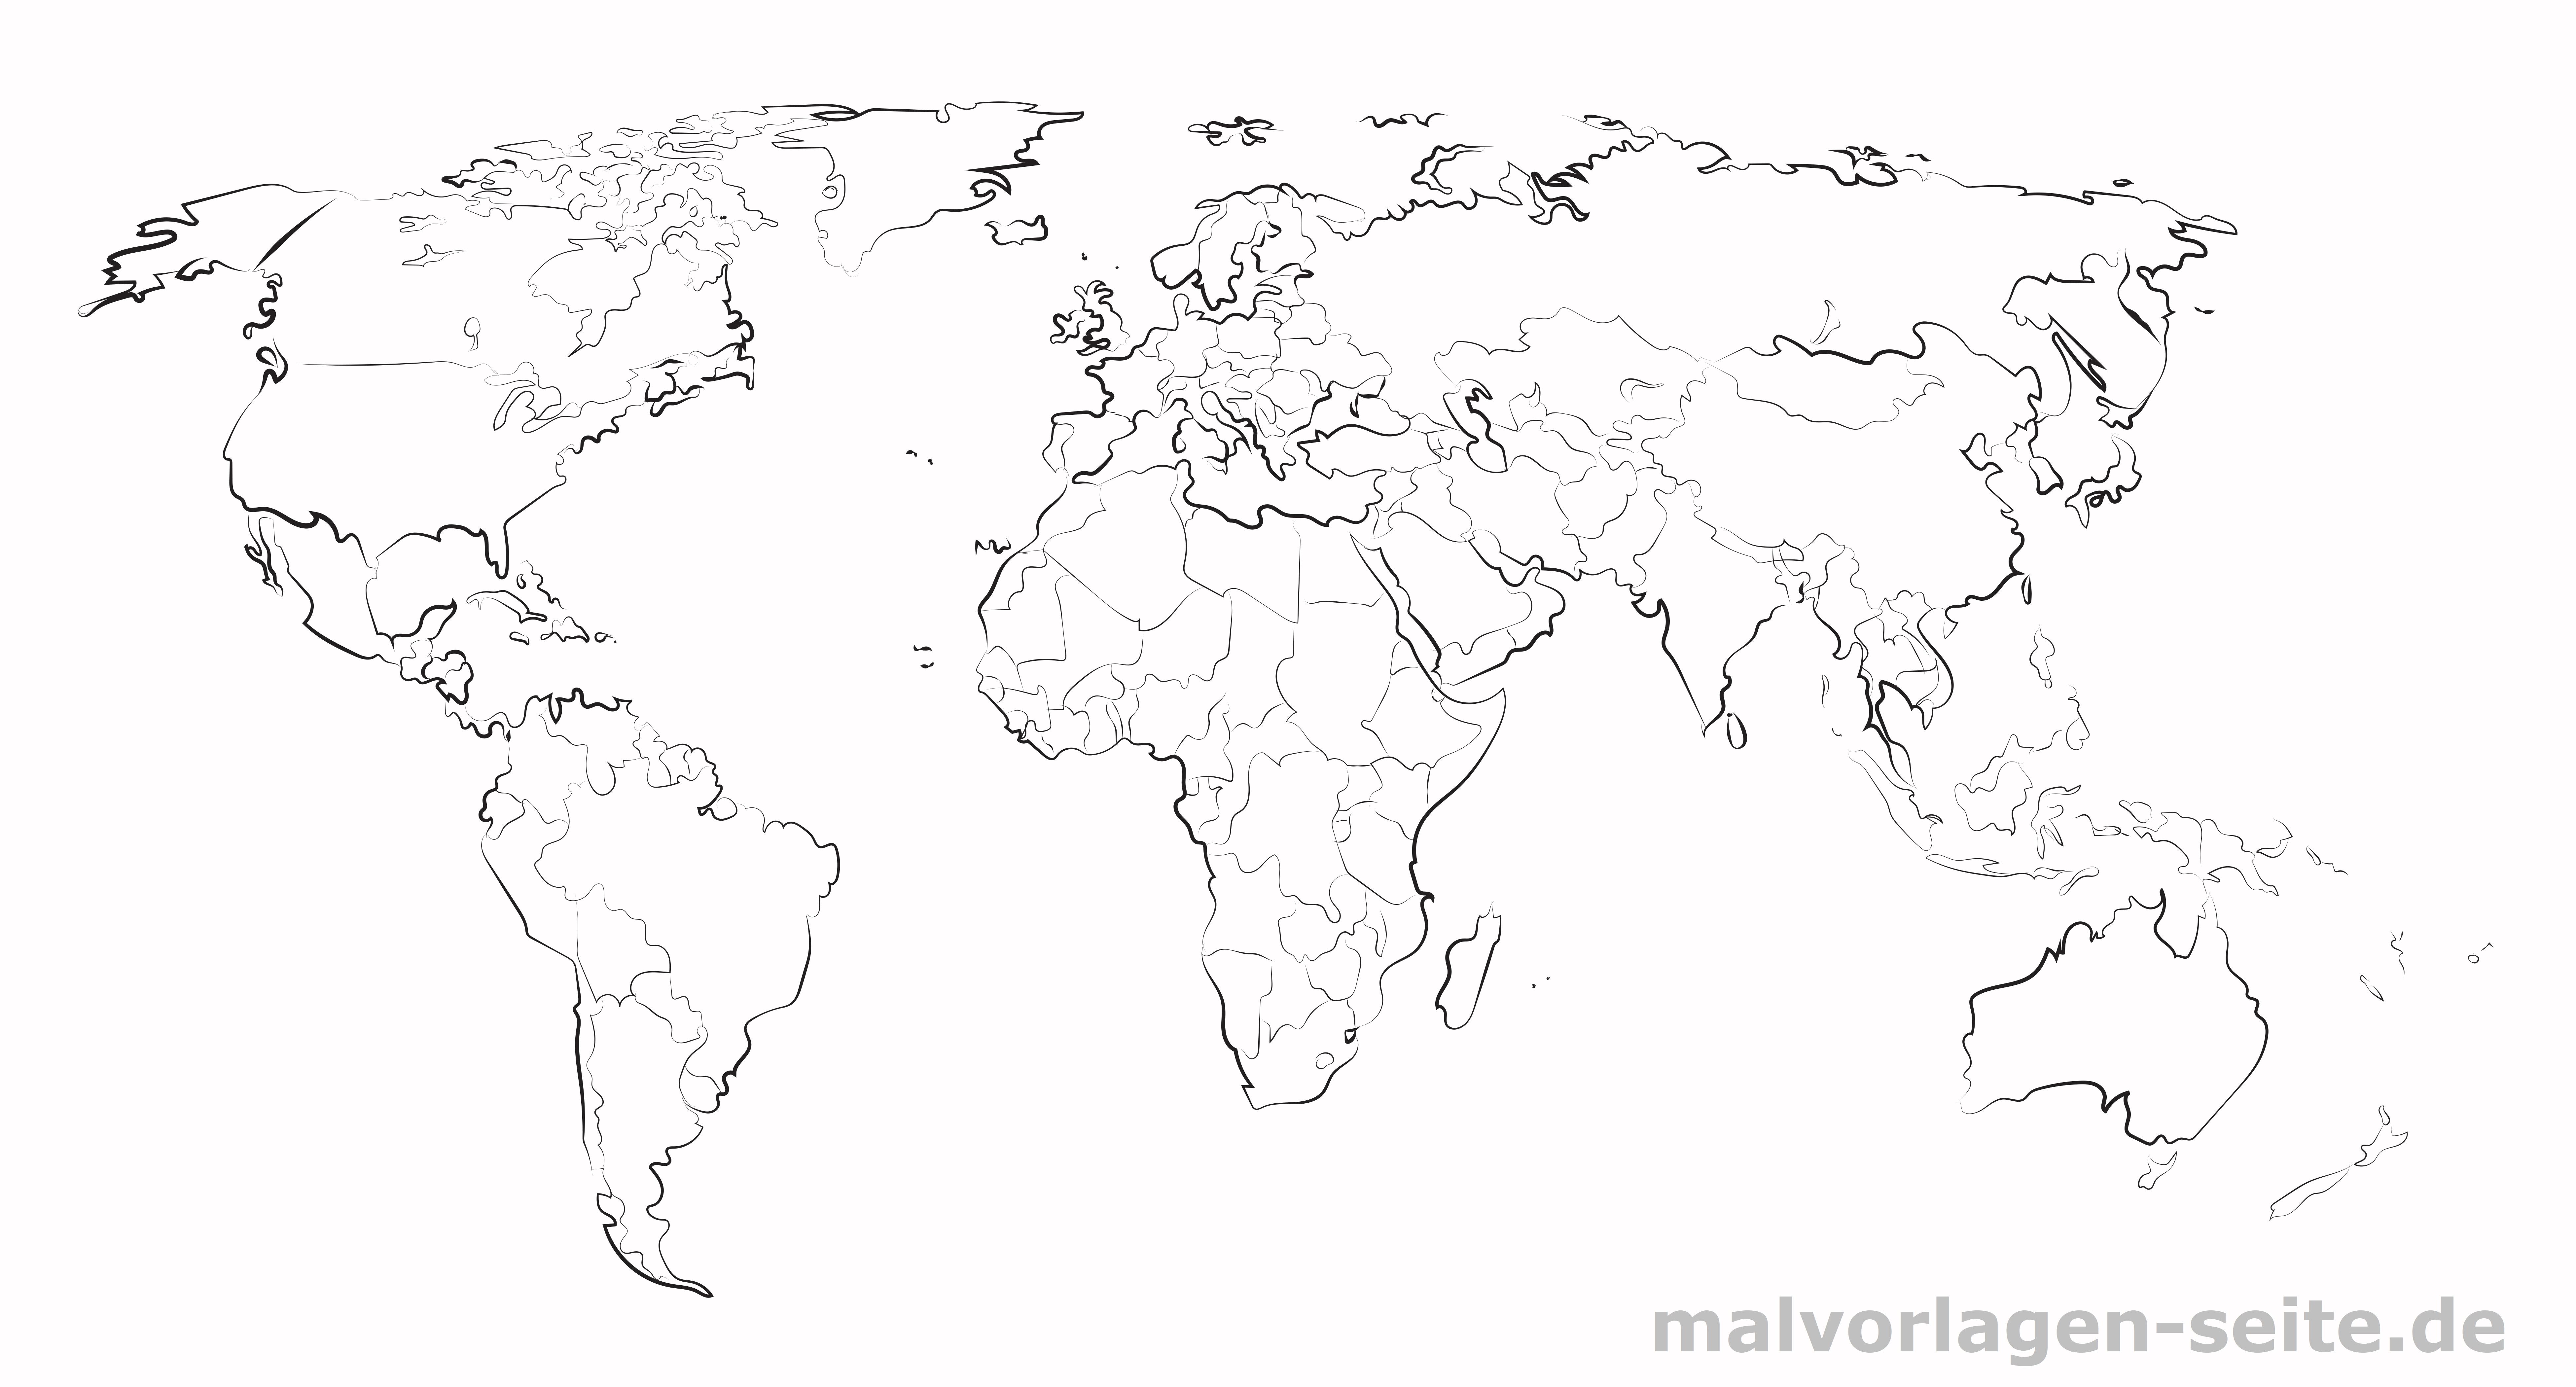 Grosse Weltkarte Zum Ausdrucken Und Selber Gestalten